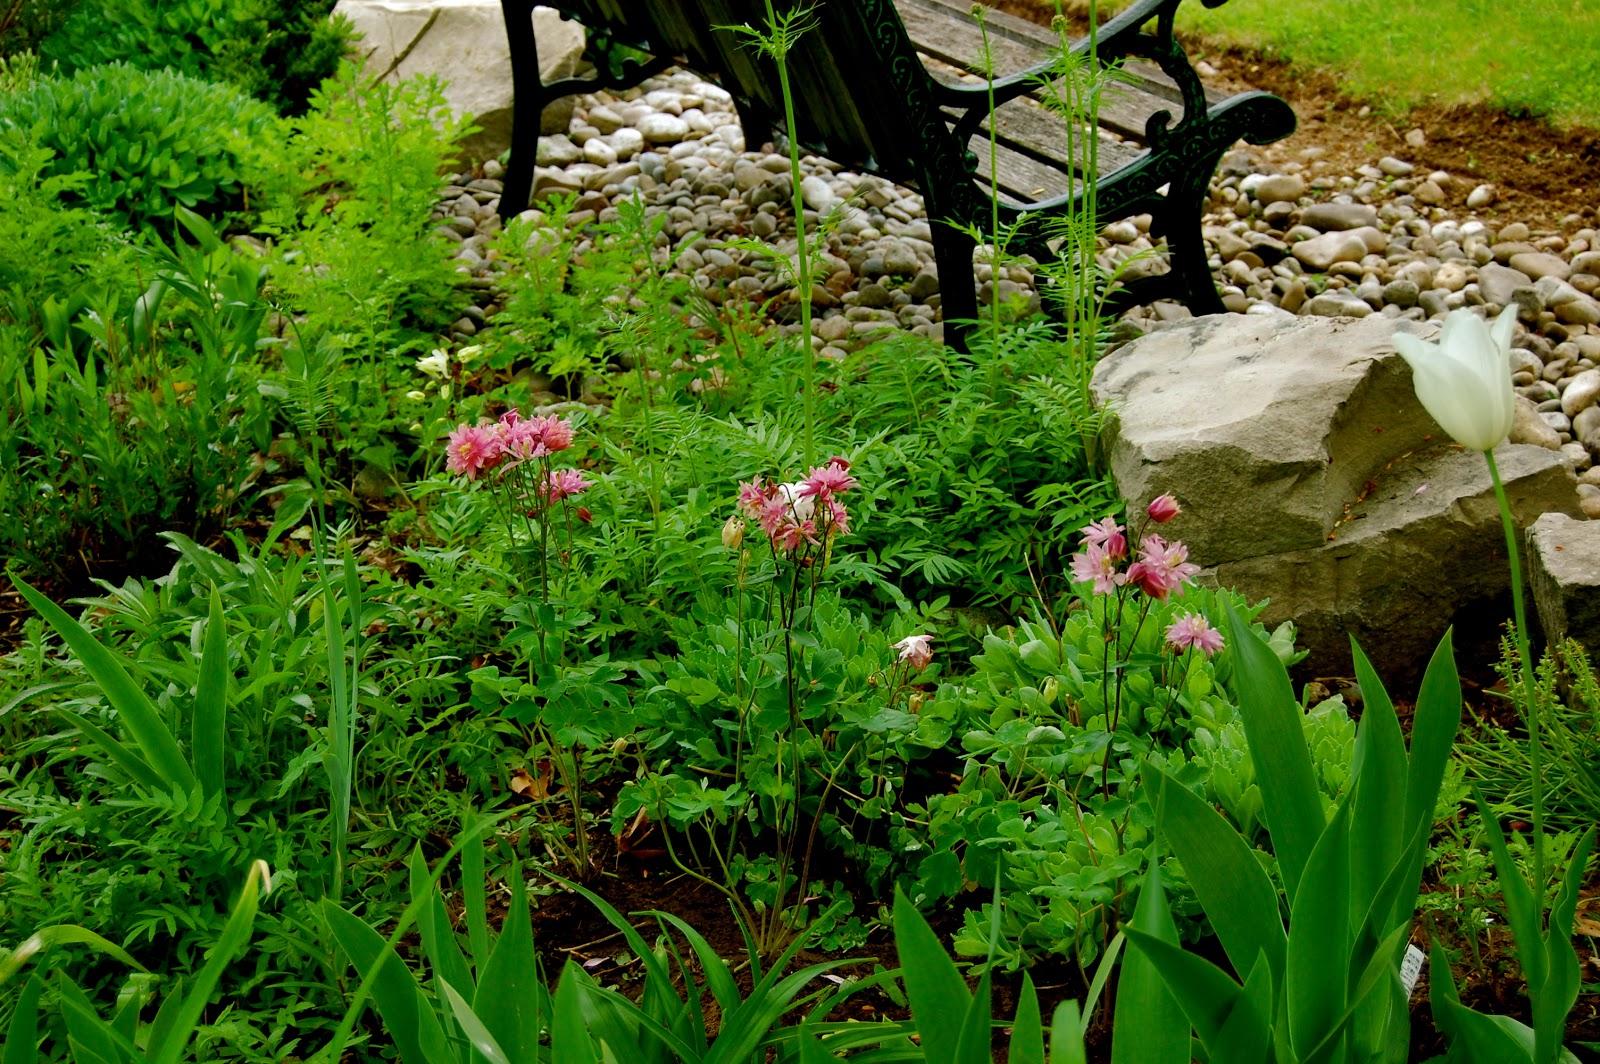 Astrids Garden Design Top Perennials Part 1 Of Many